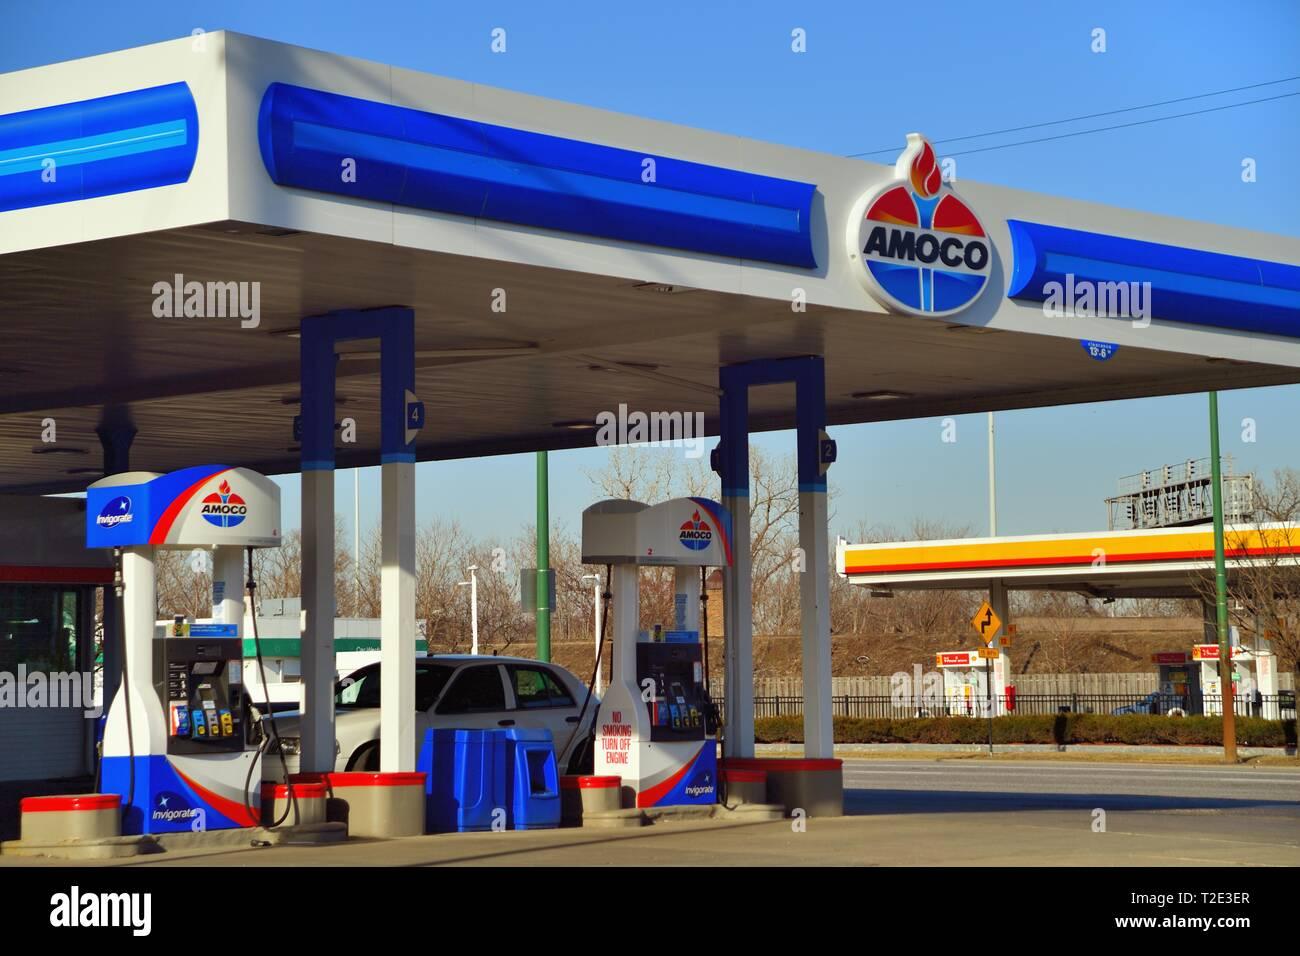 Chicago, Illinois, Stati Uniti d'America. Concorrenti delle stazioni di servizio condividono un'intersezione sul lato nord-ovest di Chicago. Immagini Stock